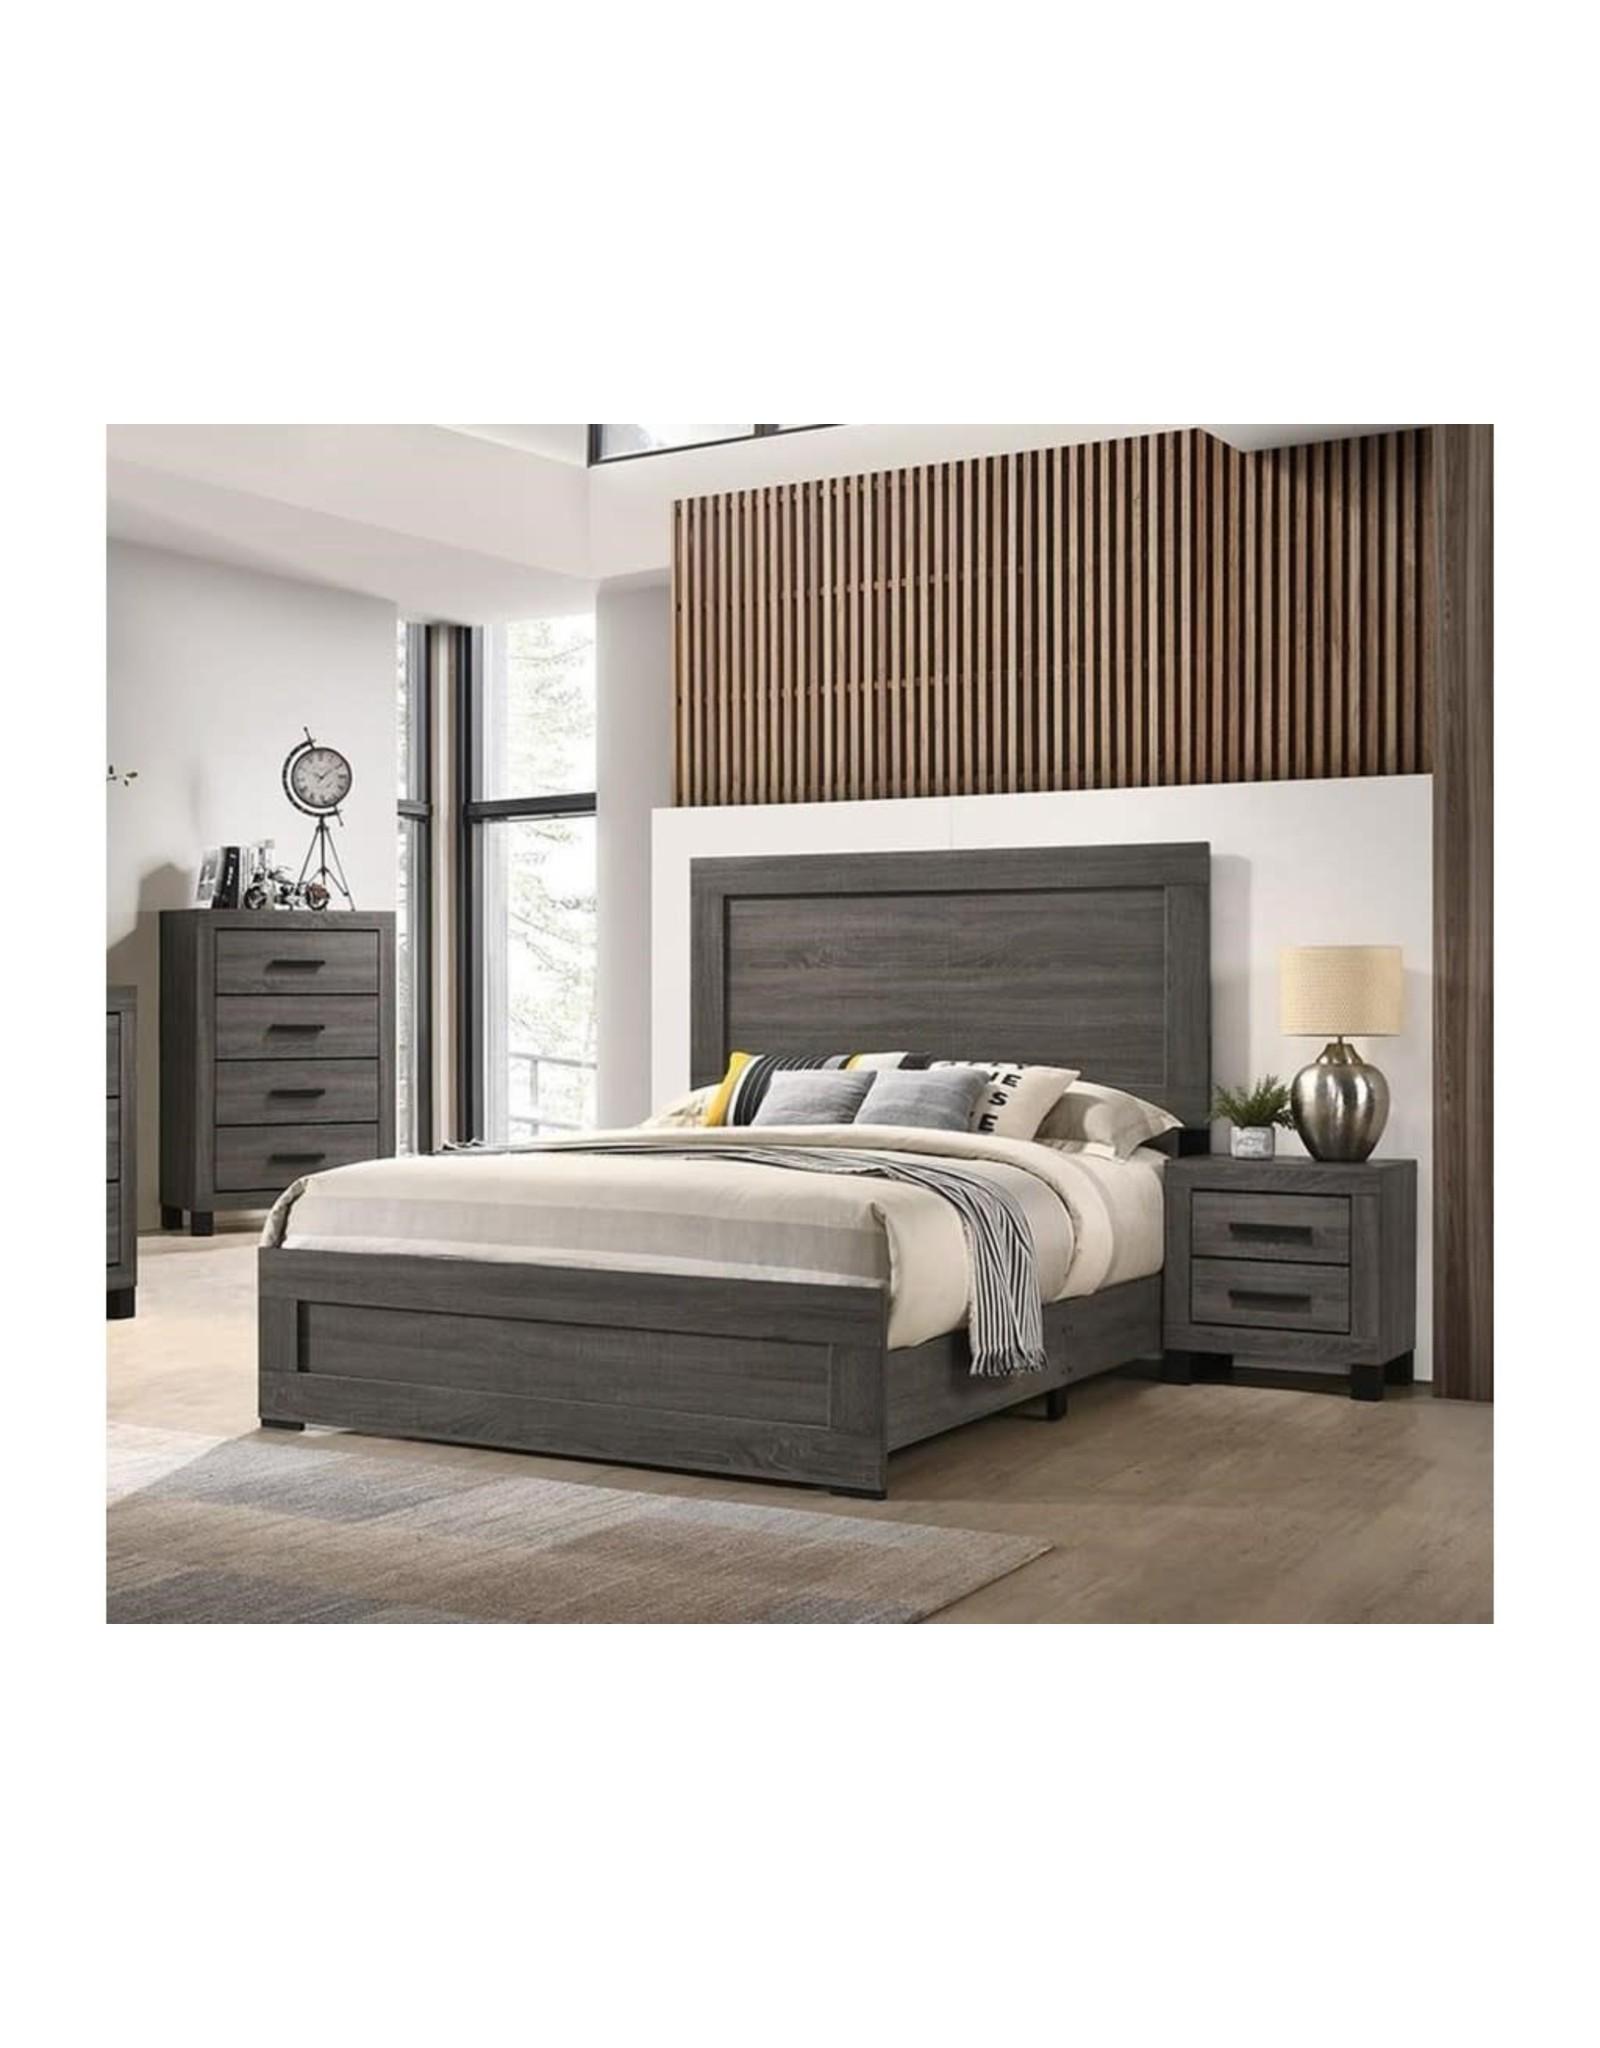 Glenwood C8321 Queen Bed